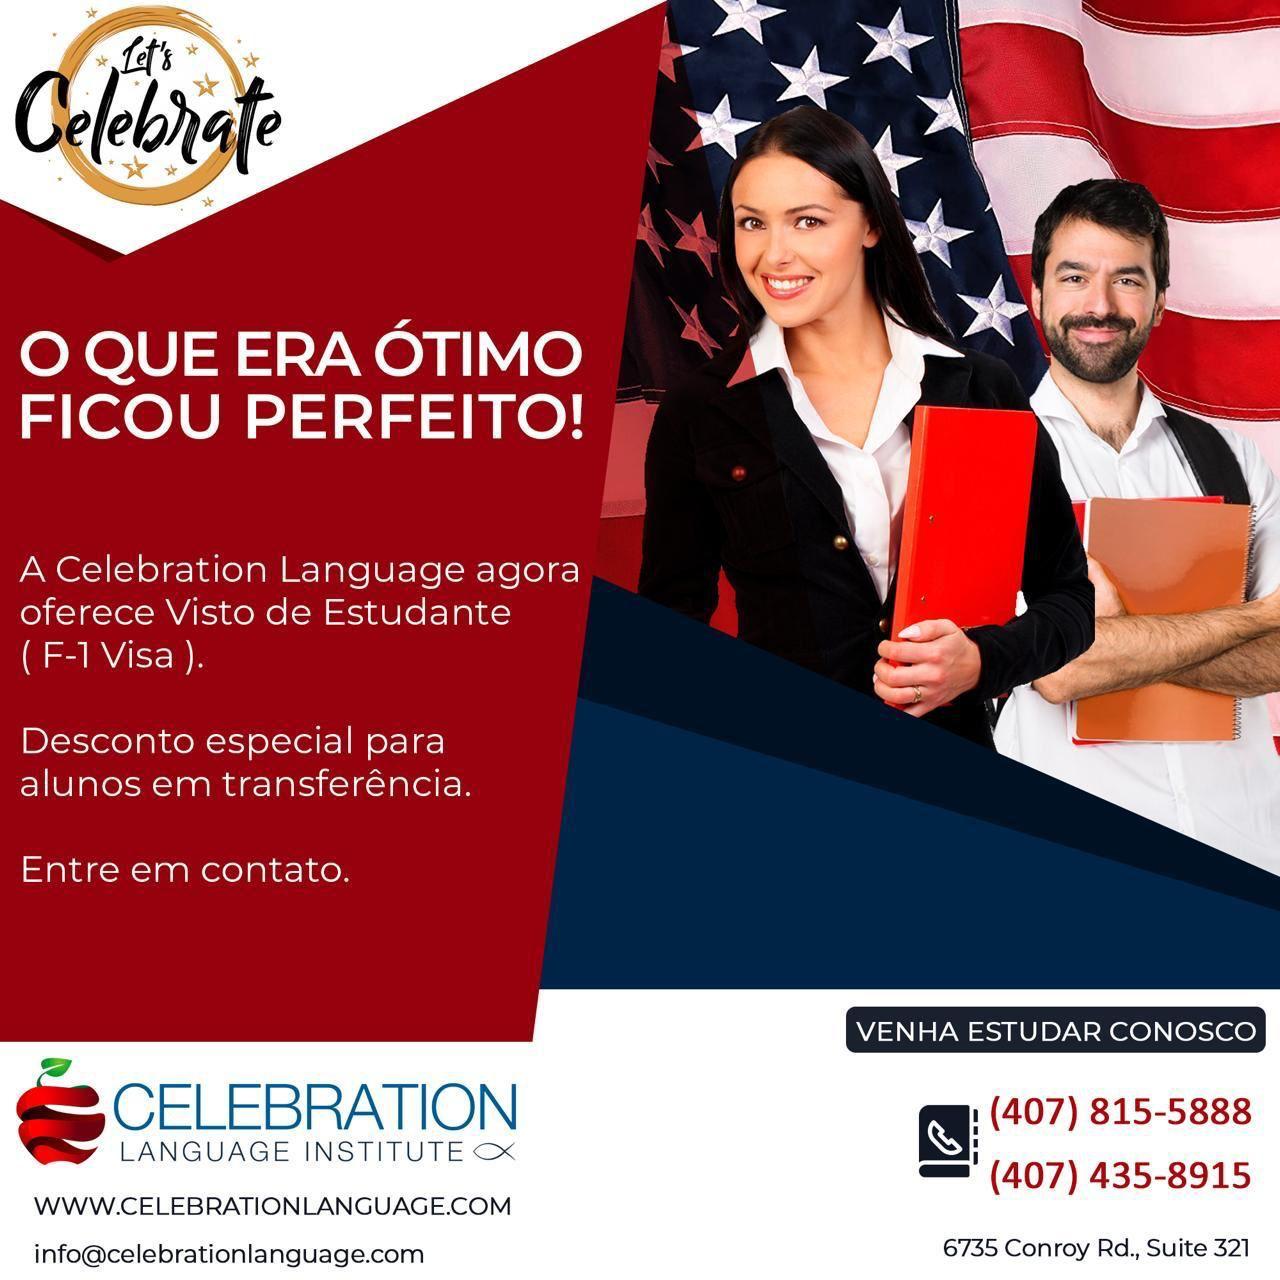 """""""Celebration Language Institute"""", licenciada pela Imigração paraconcessão do Visto de Estudante"""